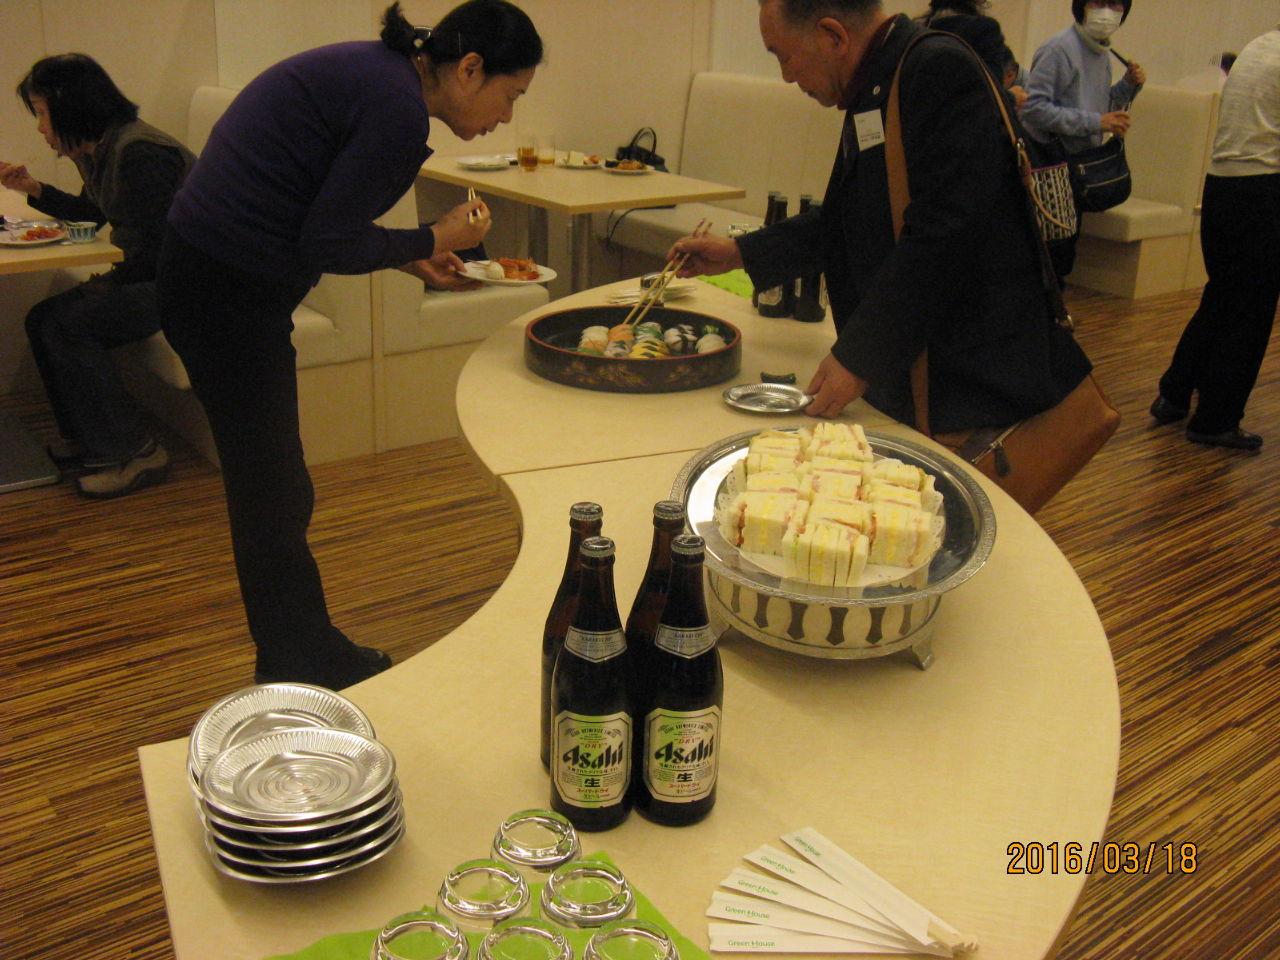 6858 - (株)小野測器 本日株主総会 懇親会ありました。